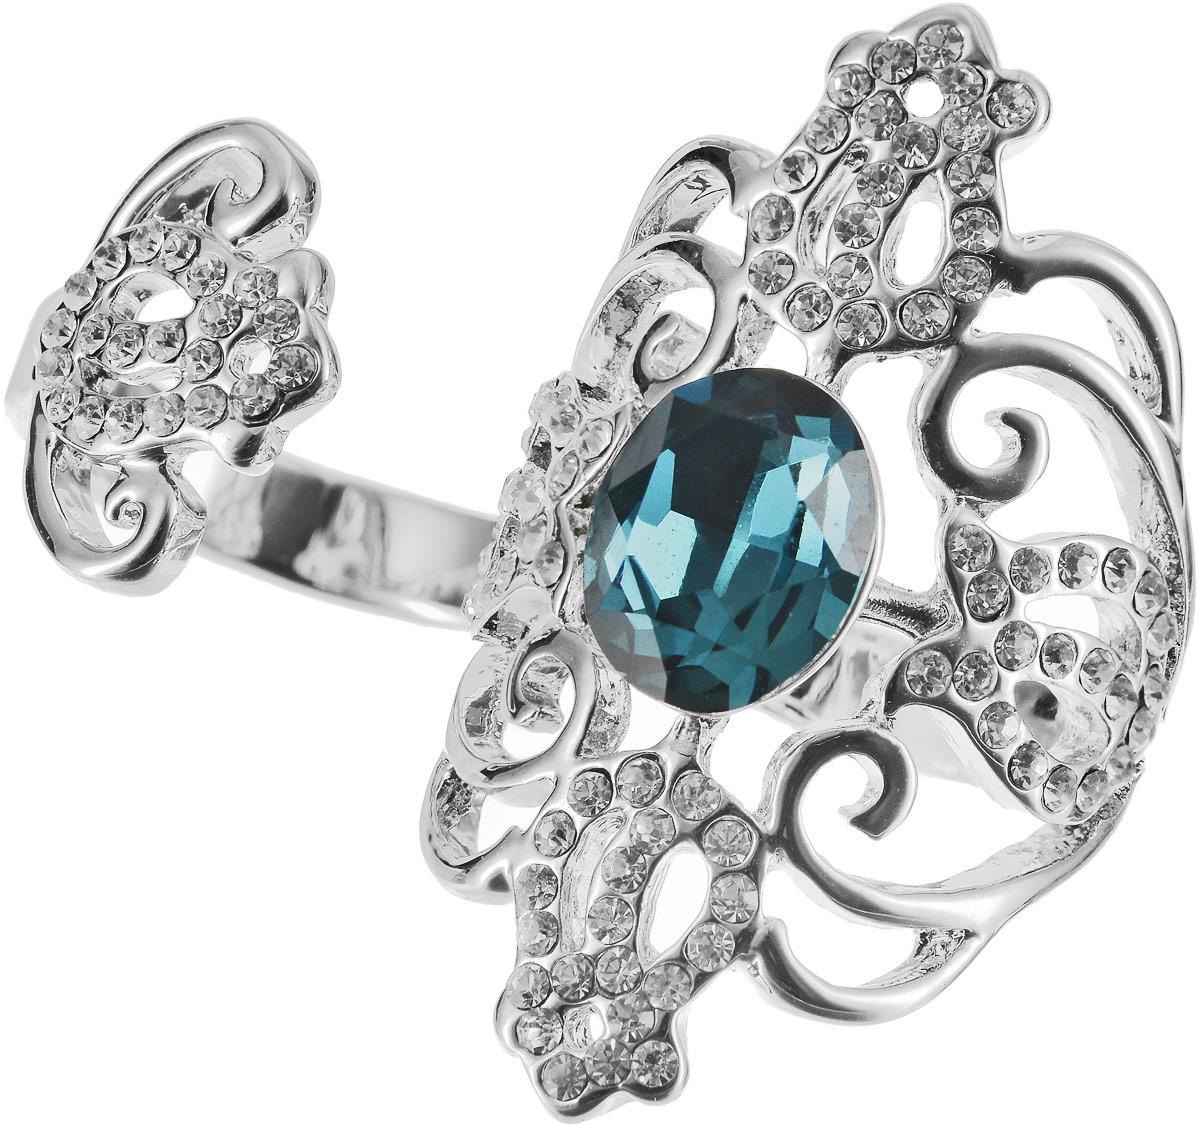 Кольцо Art-Silver, цвет: серебряный, бирюзовый. 06816-1319. Размер 1706816-1319Оригинальное кольцо Art-Silver выполнено из бижутерного сплава с гальваническим покрытием. Кольцо на два пальца украшено декоративными вставками. Элегантное кольцо Art-Silver превосходно дополнит ваш образ и подчеркнет отменное чувство стиля своей обладательницы.